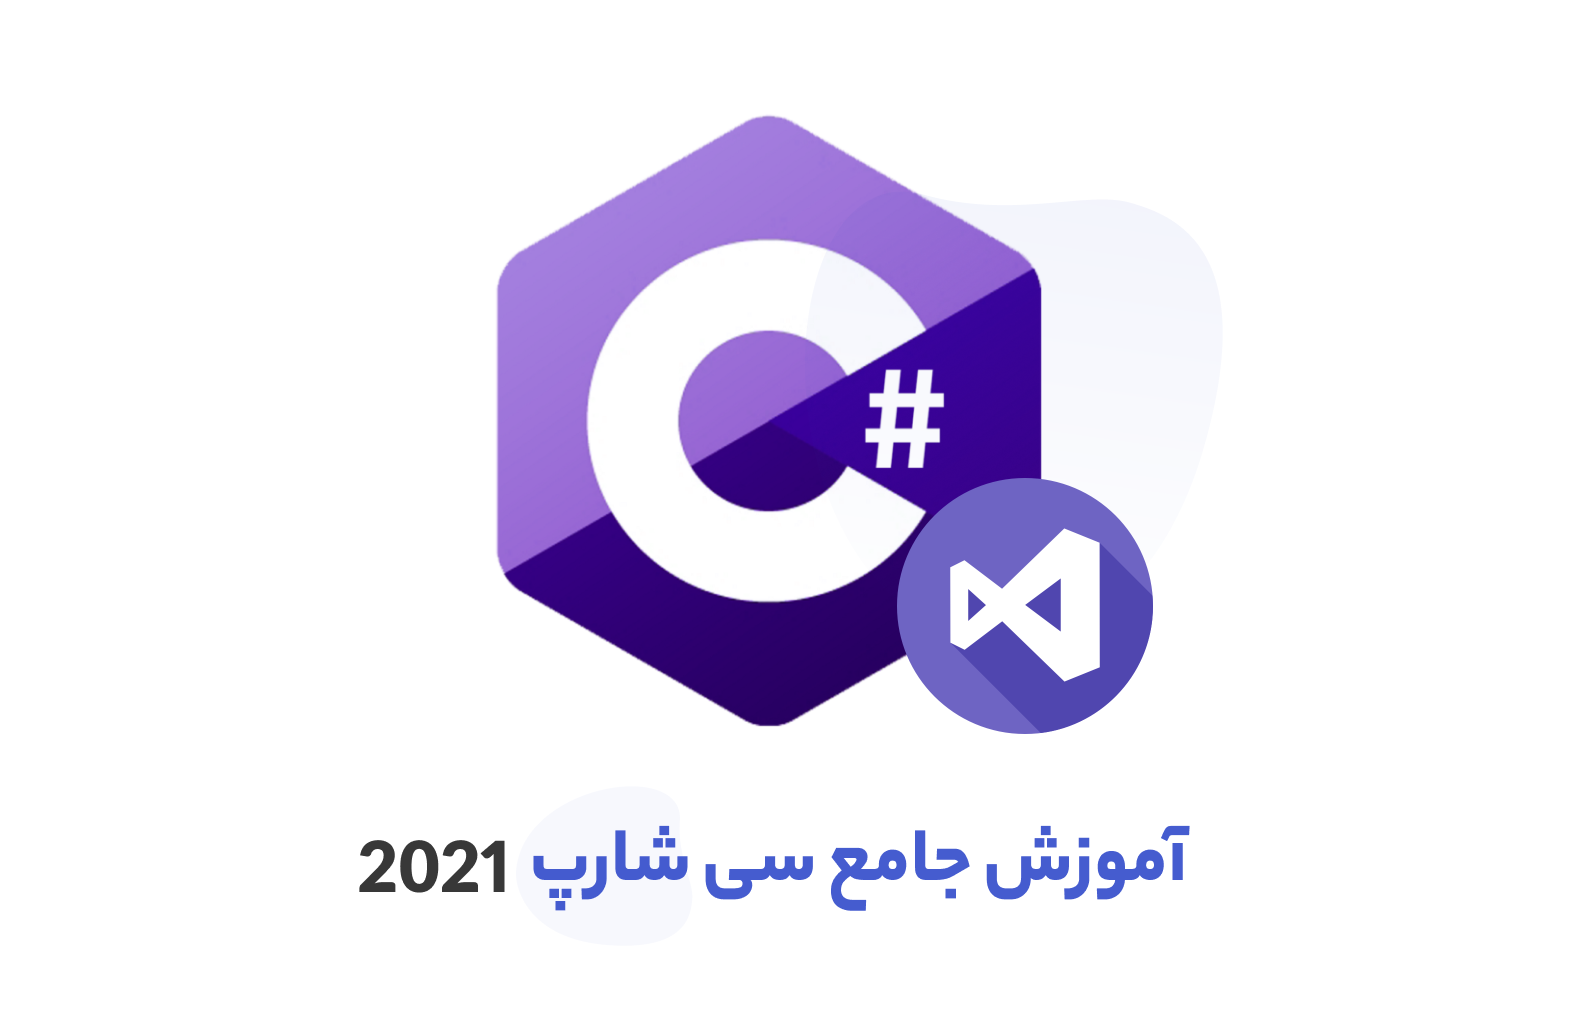 آموزش جامع سی شارپ برای توسعه وب و اپلیکیشن   آموزش نرم افزار ویژوال استودیو